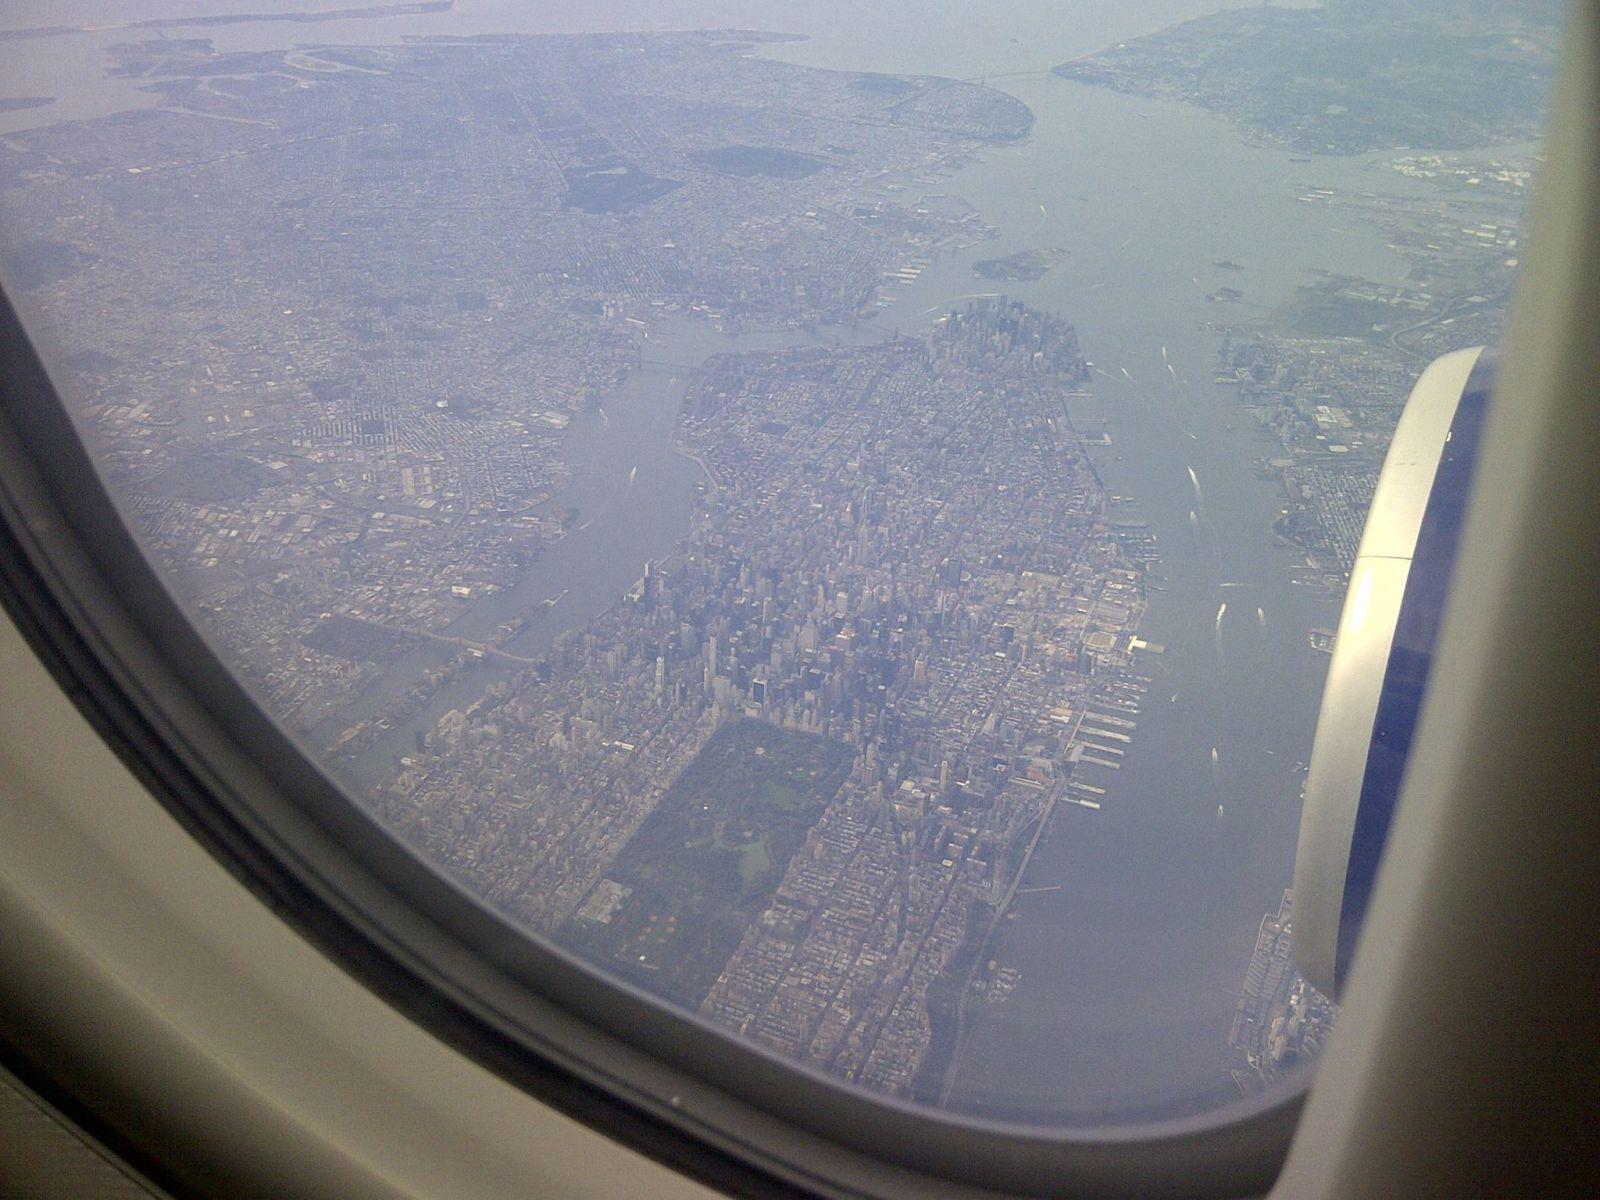 раньше ему любительские фото в самолете этого